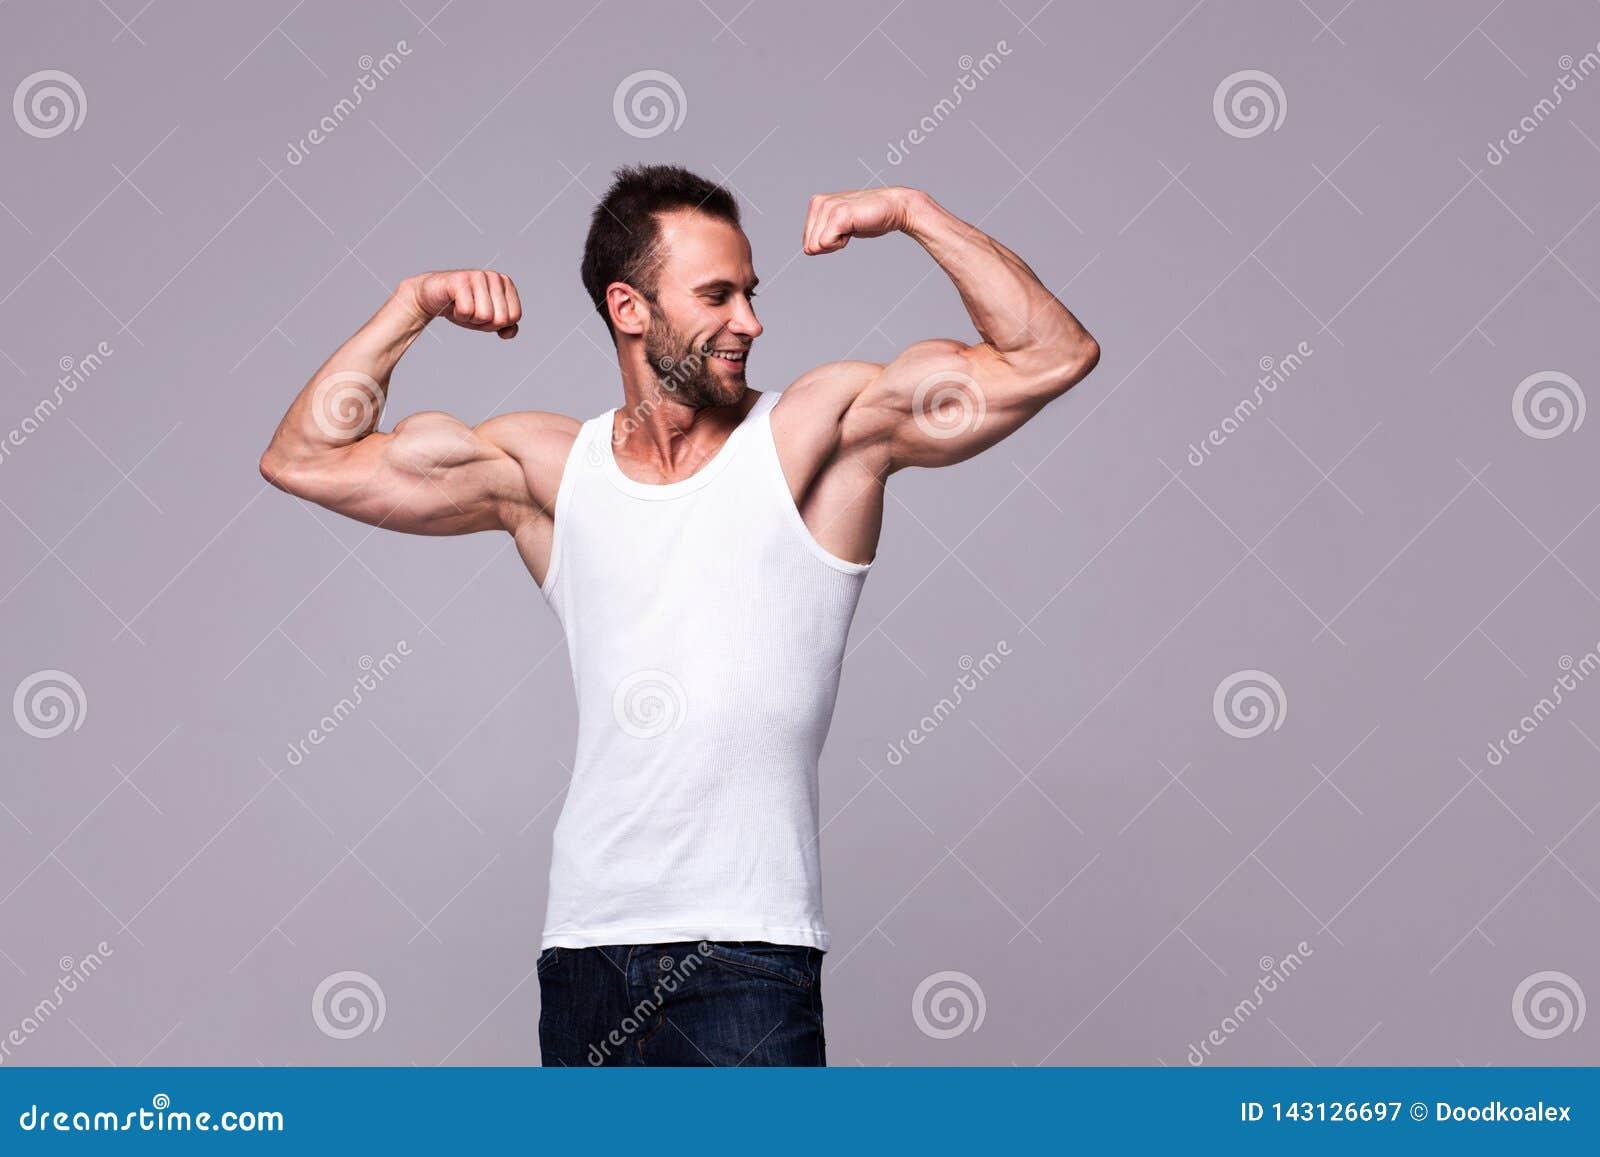 Portret sportowy mężczyzna w białym podkoszulku